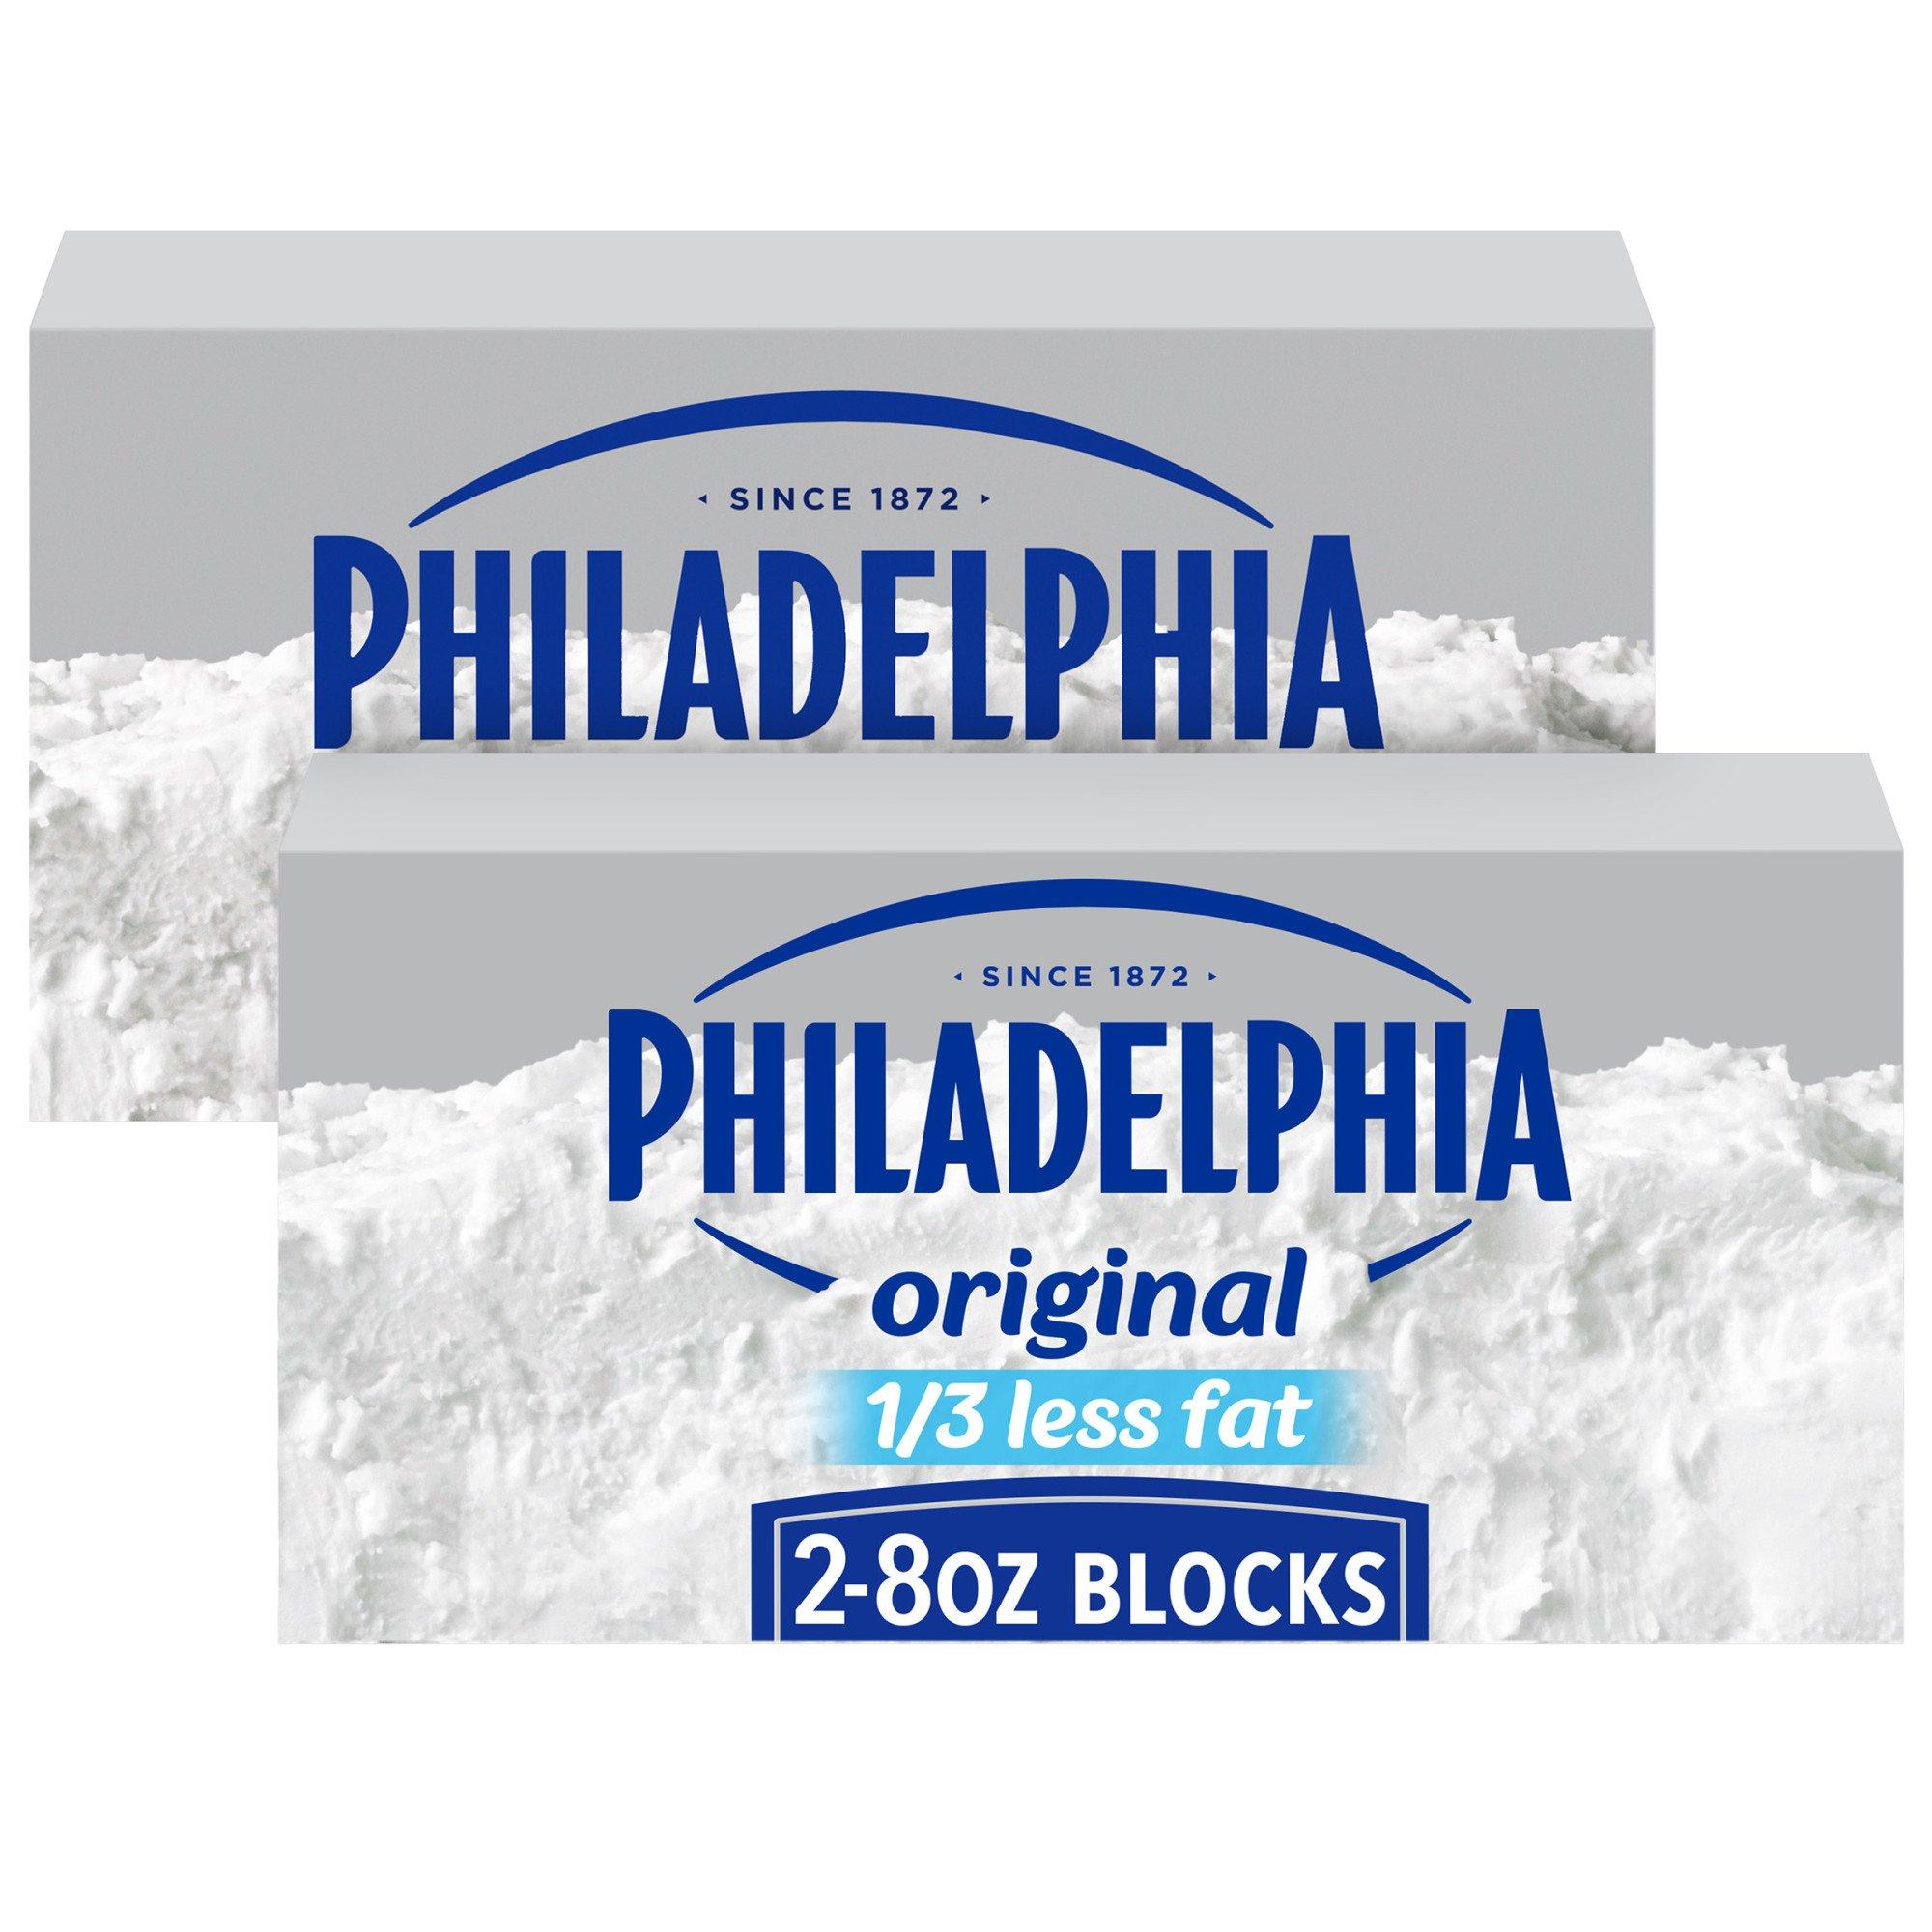 Kraft Philadelphia 1 3 Less Fat Cream Cheese Shop Cheese At H E B